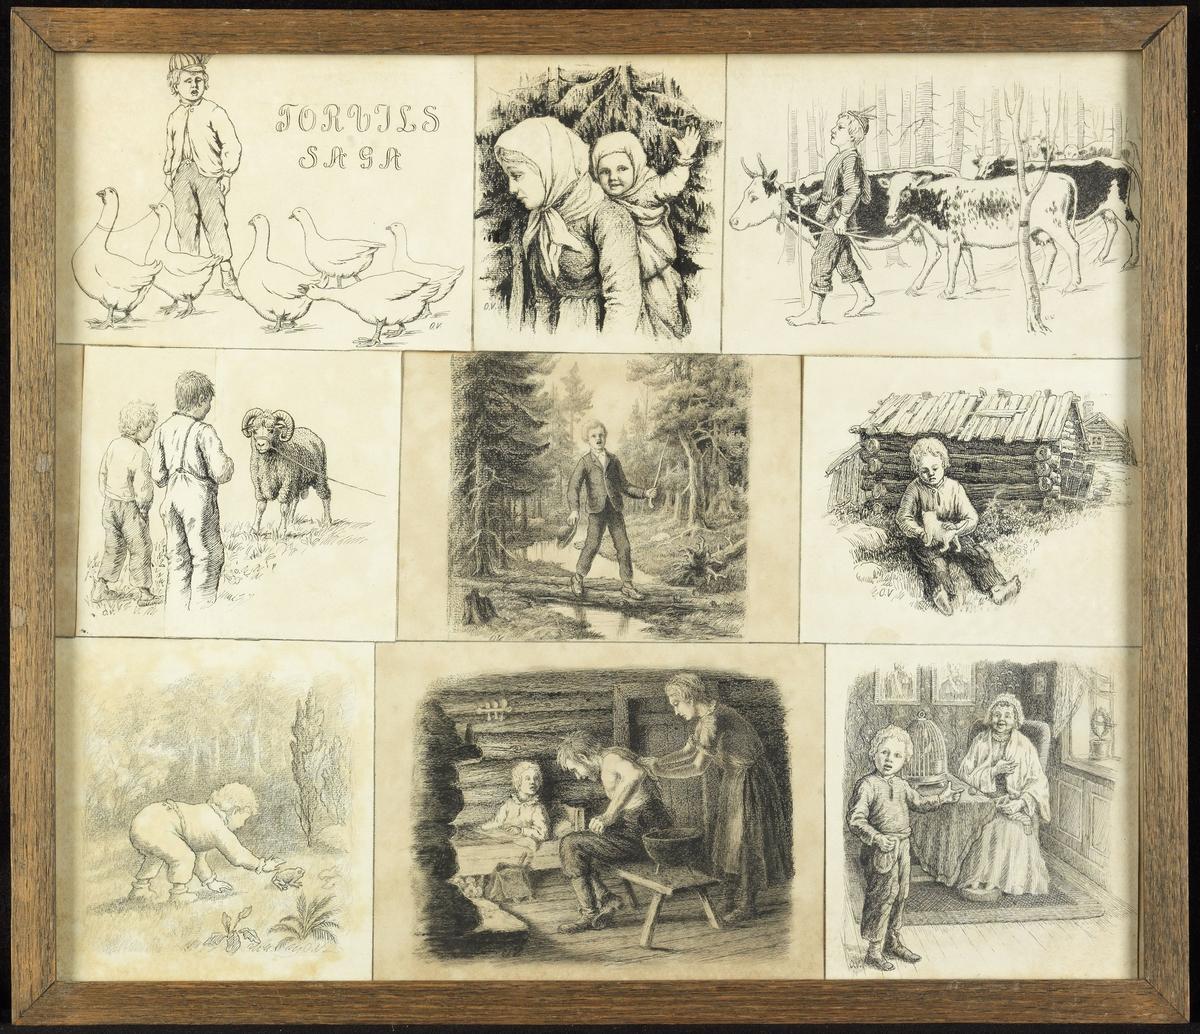 Ned.f.v. liten gutt og padde, (blyant og tusj); interiør m. kv. som steller m. sittende mann, gutt ; interiør m. gutt og sittende gammelkv., fuglebur; 2.rekke f.v. 2 gutter, vær; gutt på klopp i skogen; sittende liten gutt m. katt; øv.f.v. gutt m. gjess; ung kvinne m. barn på ryggen; gutt m. kuer